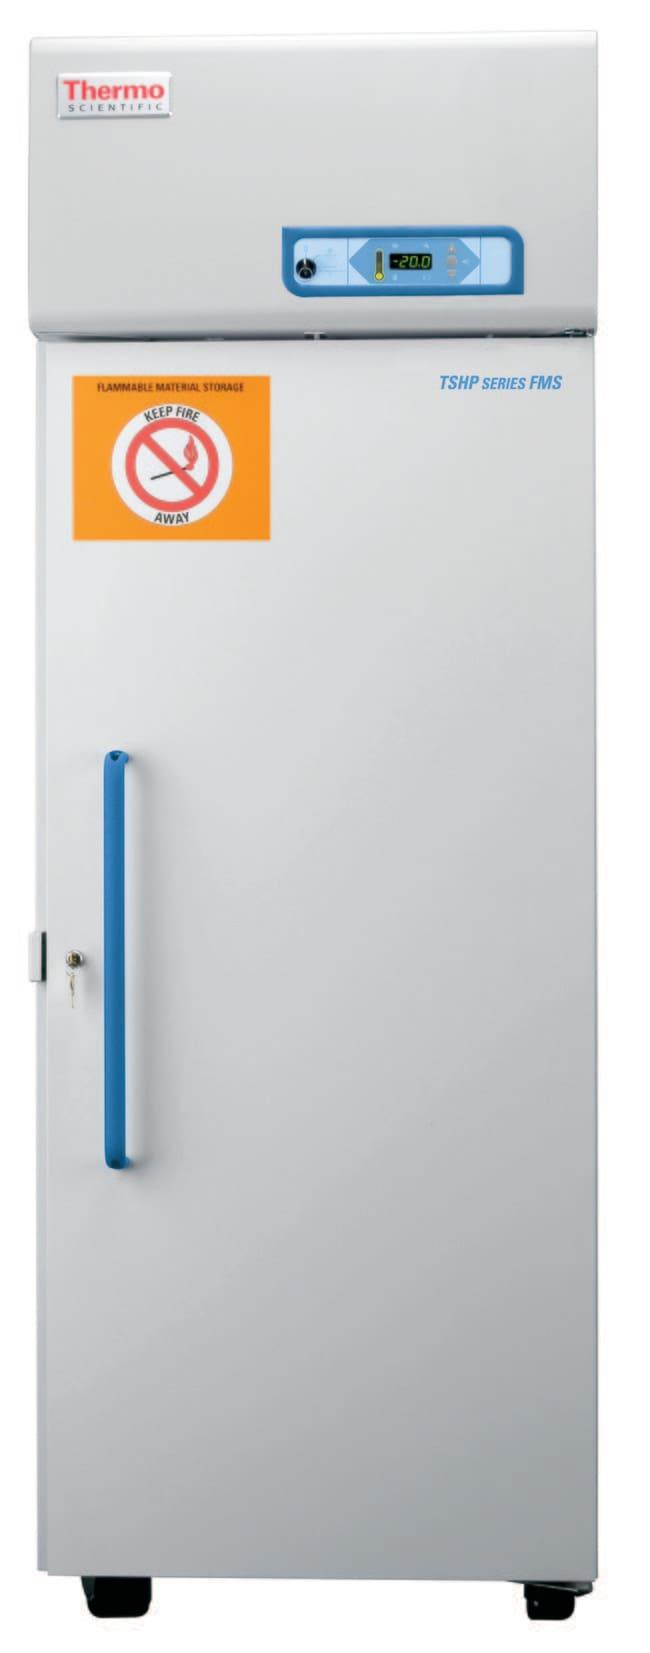 Tshp Series Fms High Performance Lab Refrigerators